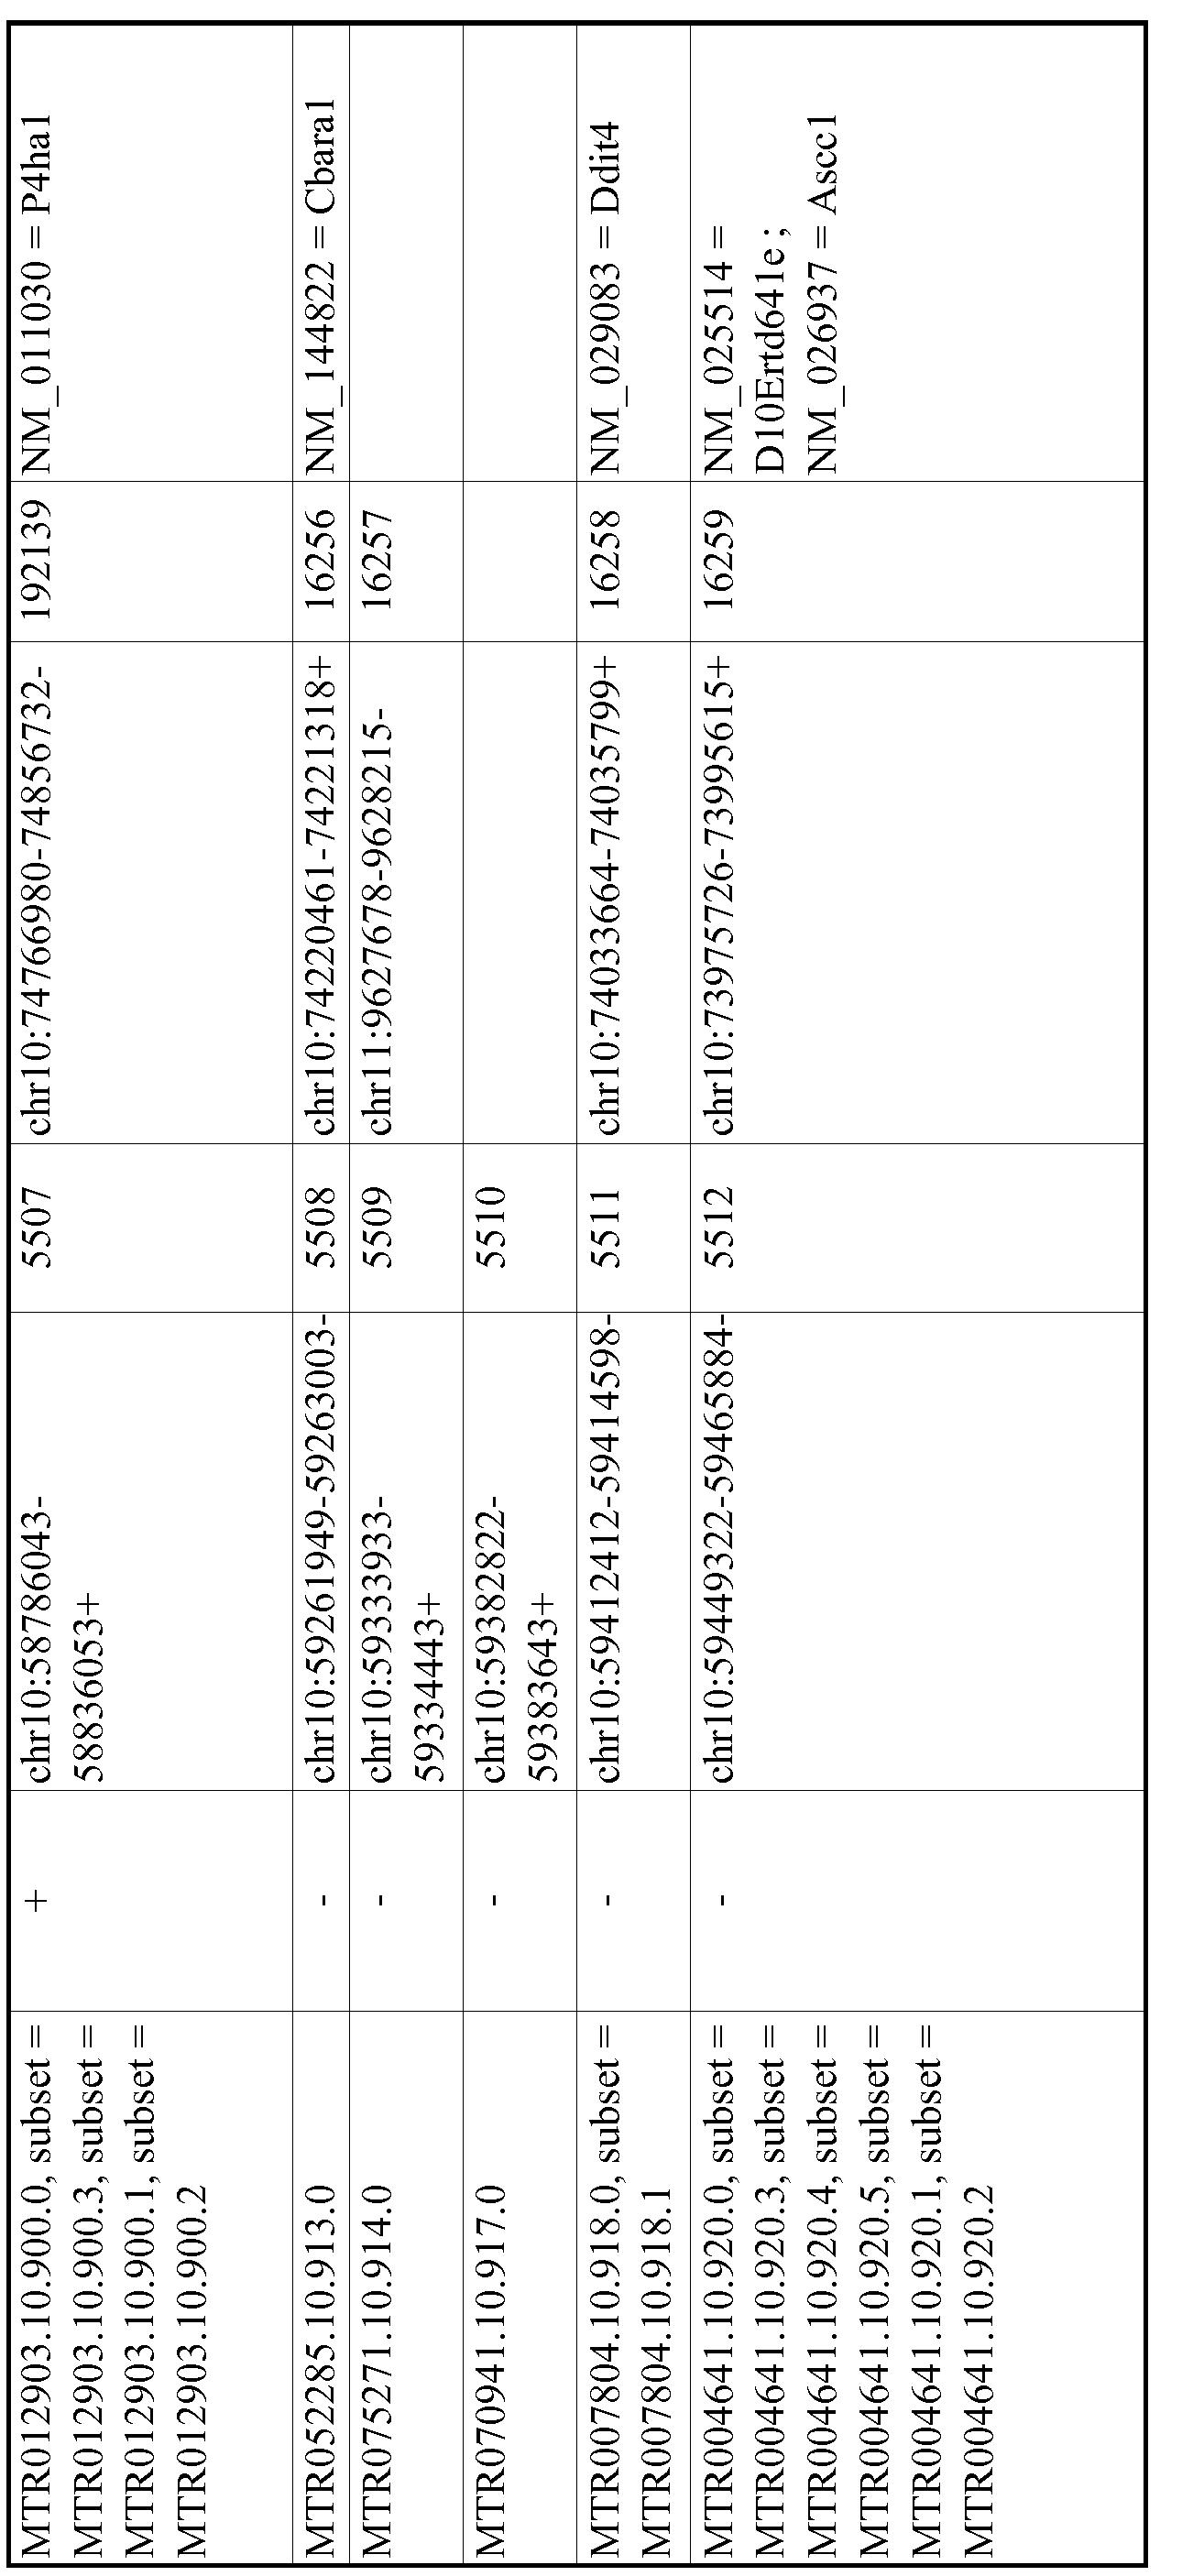 Figure imgf000990_0001